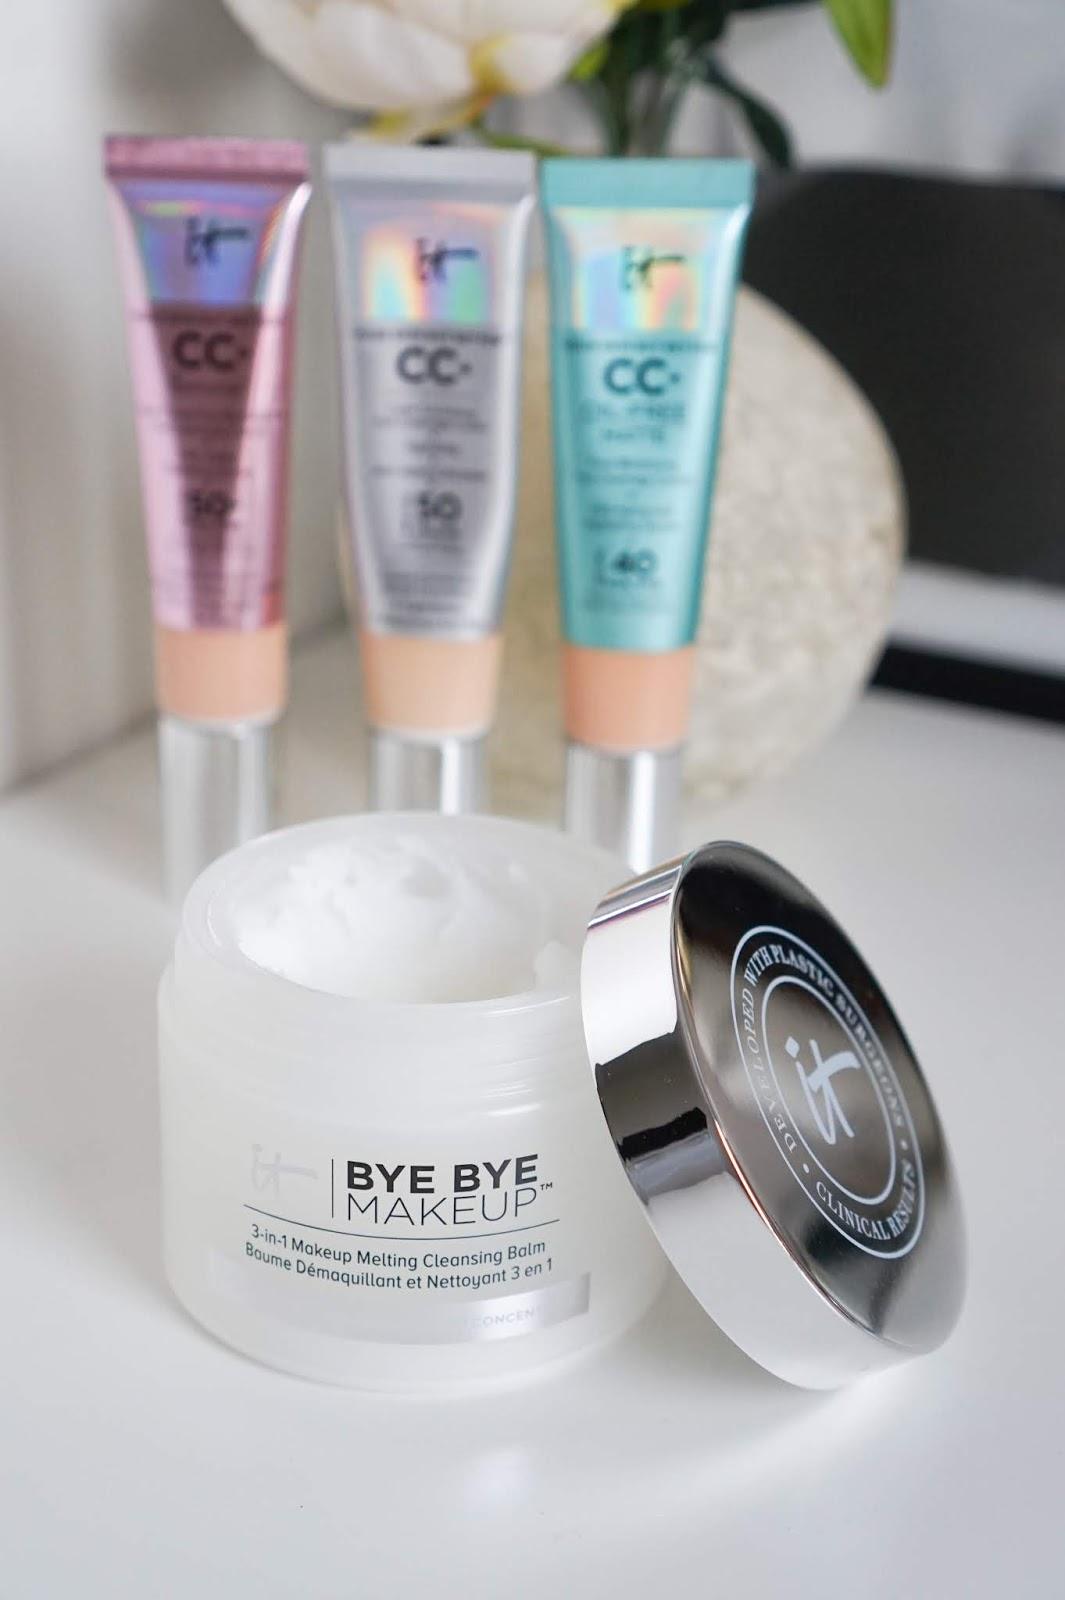 IT_Cosmetics_Bye_Bye_Makeup